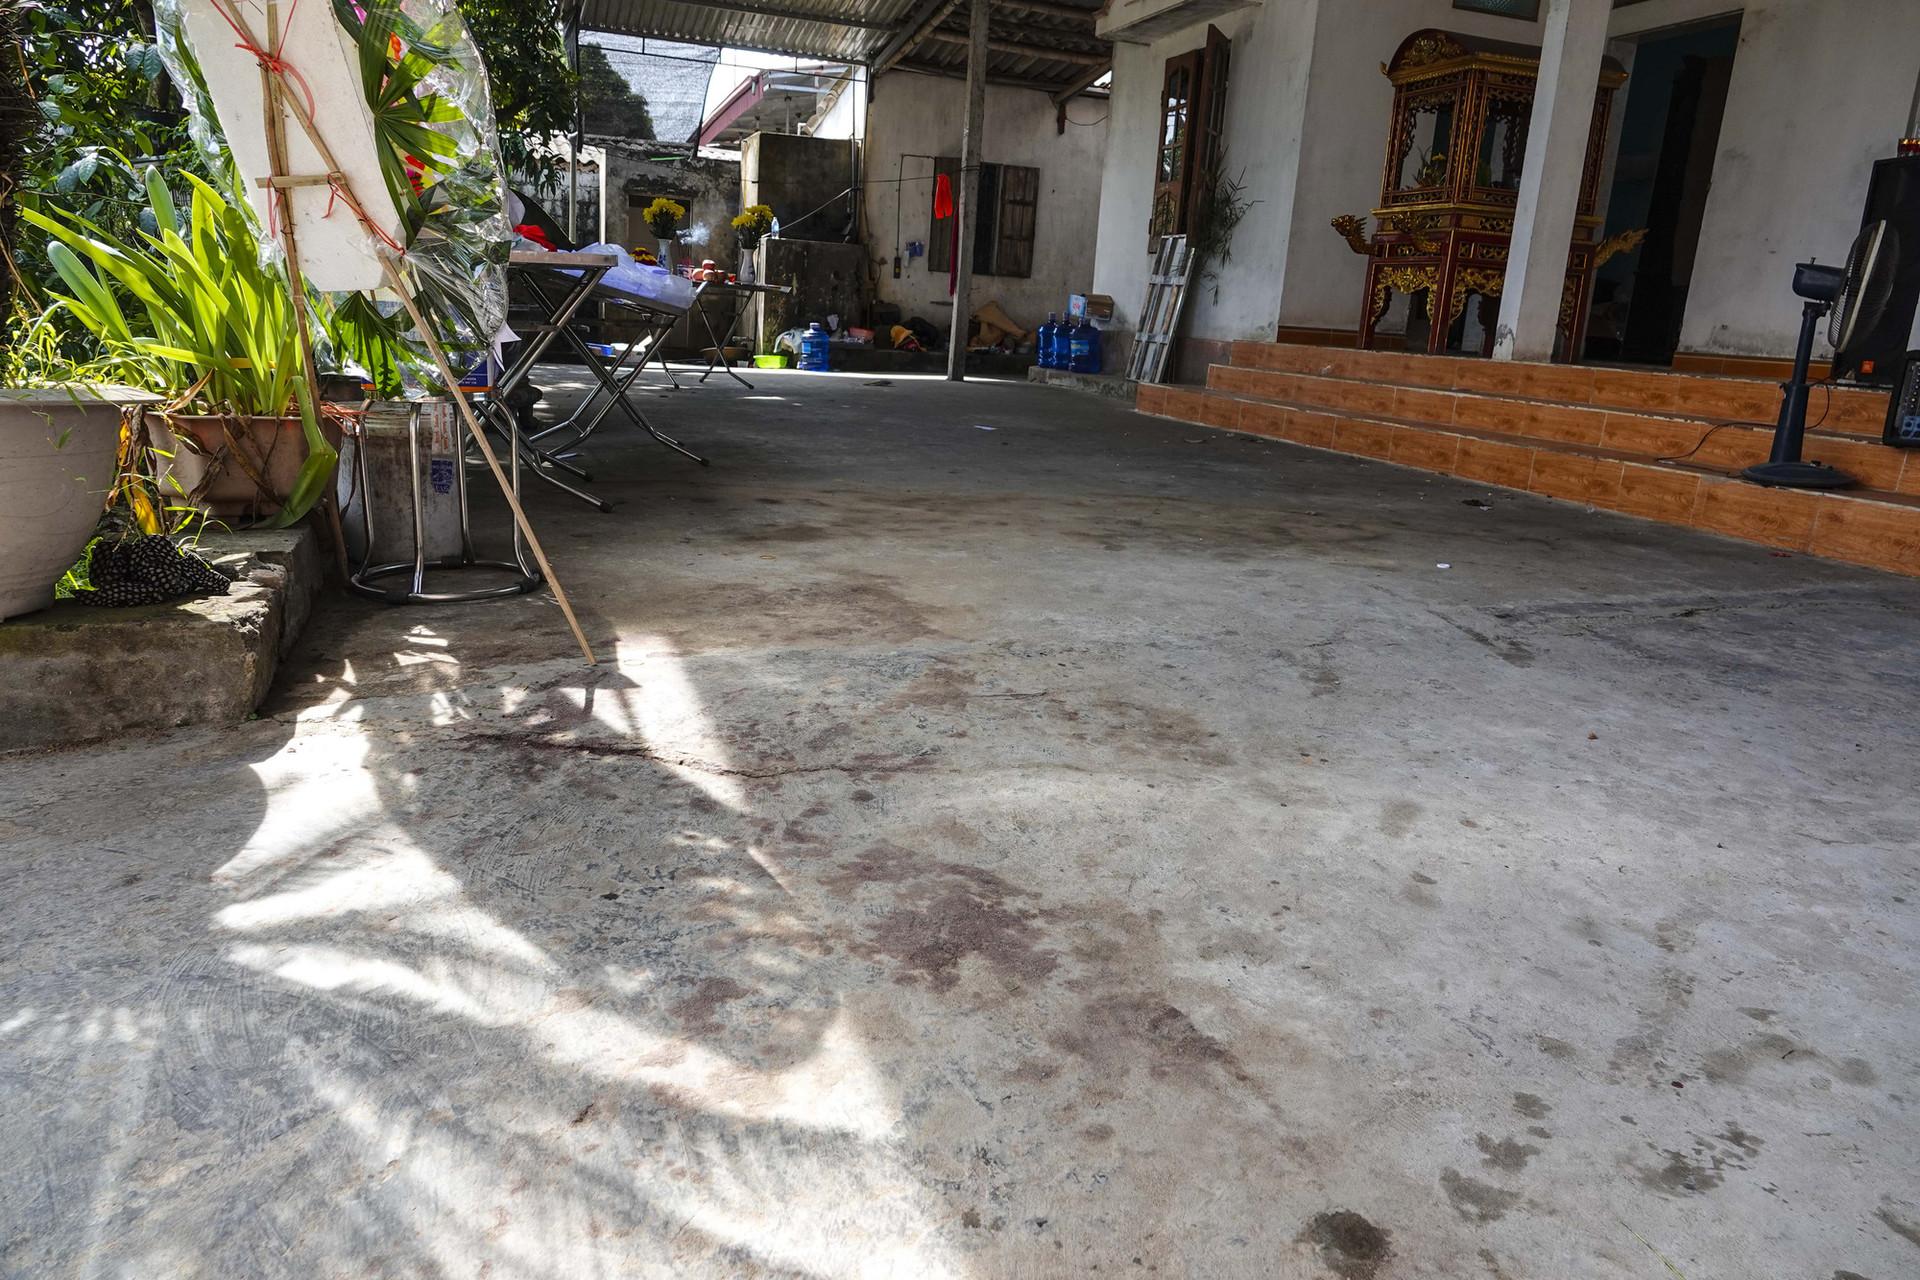 Thảm án 3 người chết ở Thái Bình: Buổi sáng người vợ nộp đơn ly hôn, 1 tiếng sau Đào Văn Thịnh đầu thú-4